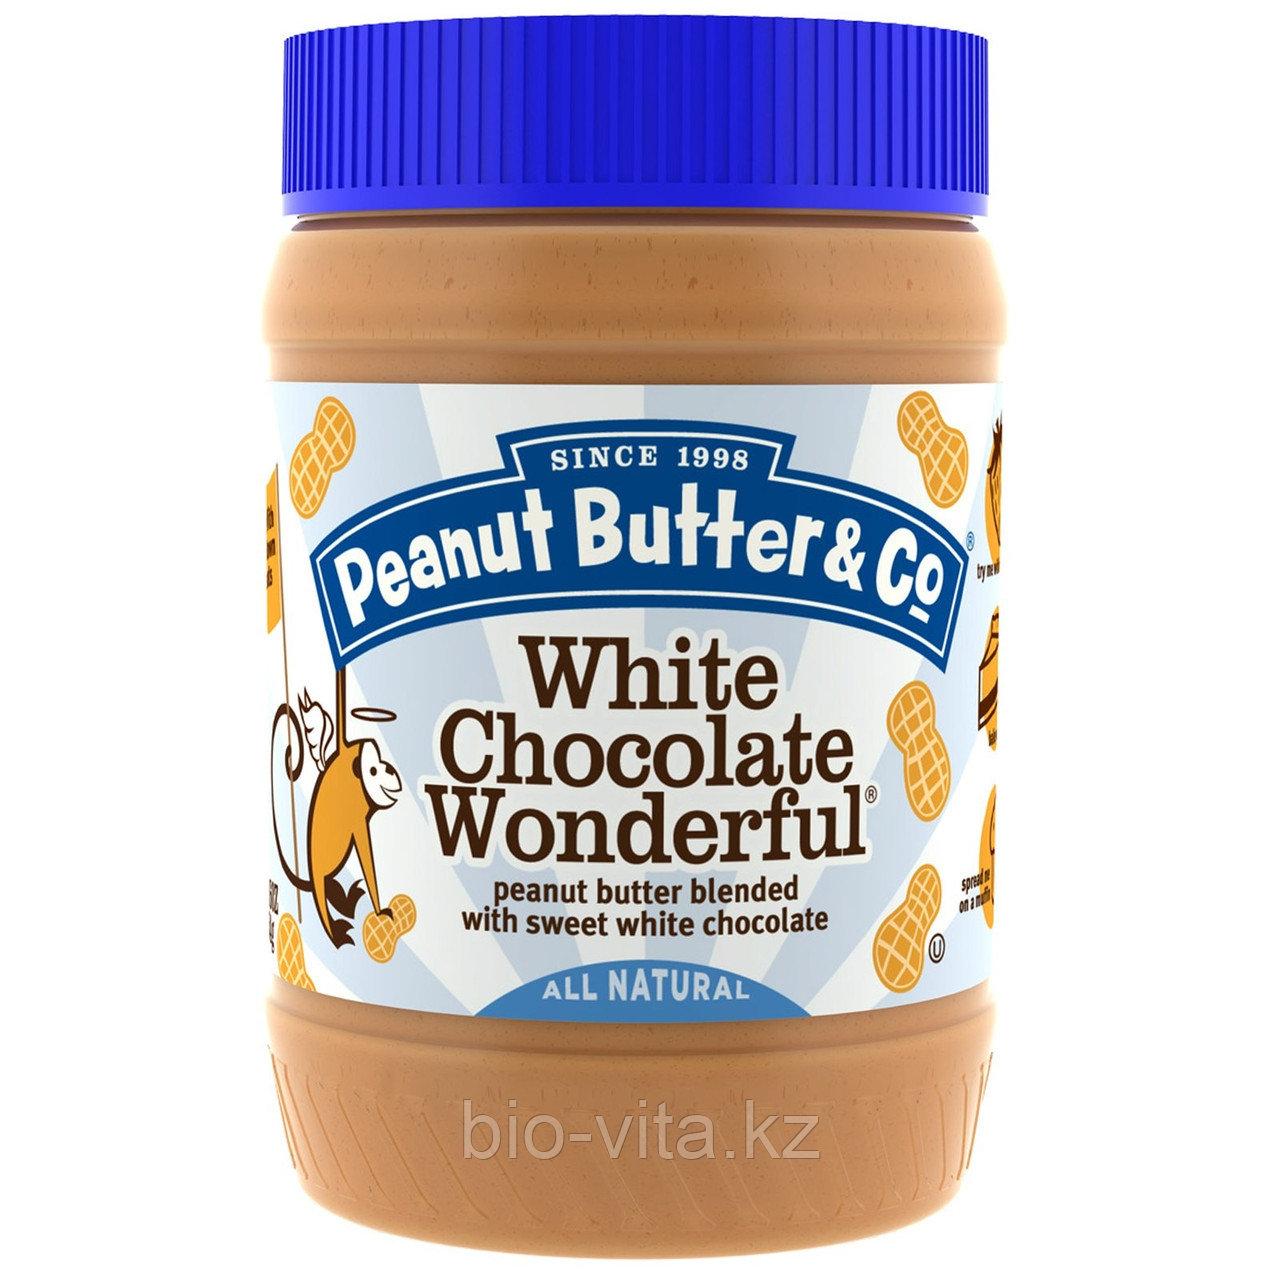 Peanut Butter & Co., Арахисовое масло,со сладким белым шоколадом, 454 г.Бутербродное.